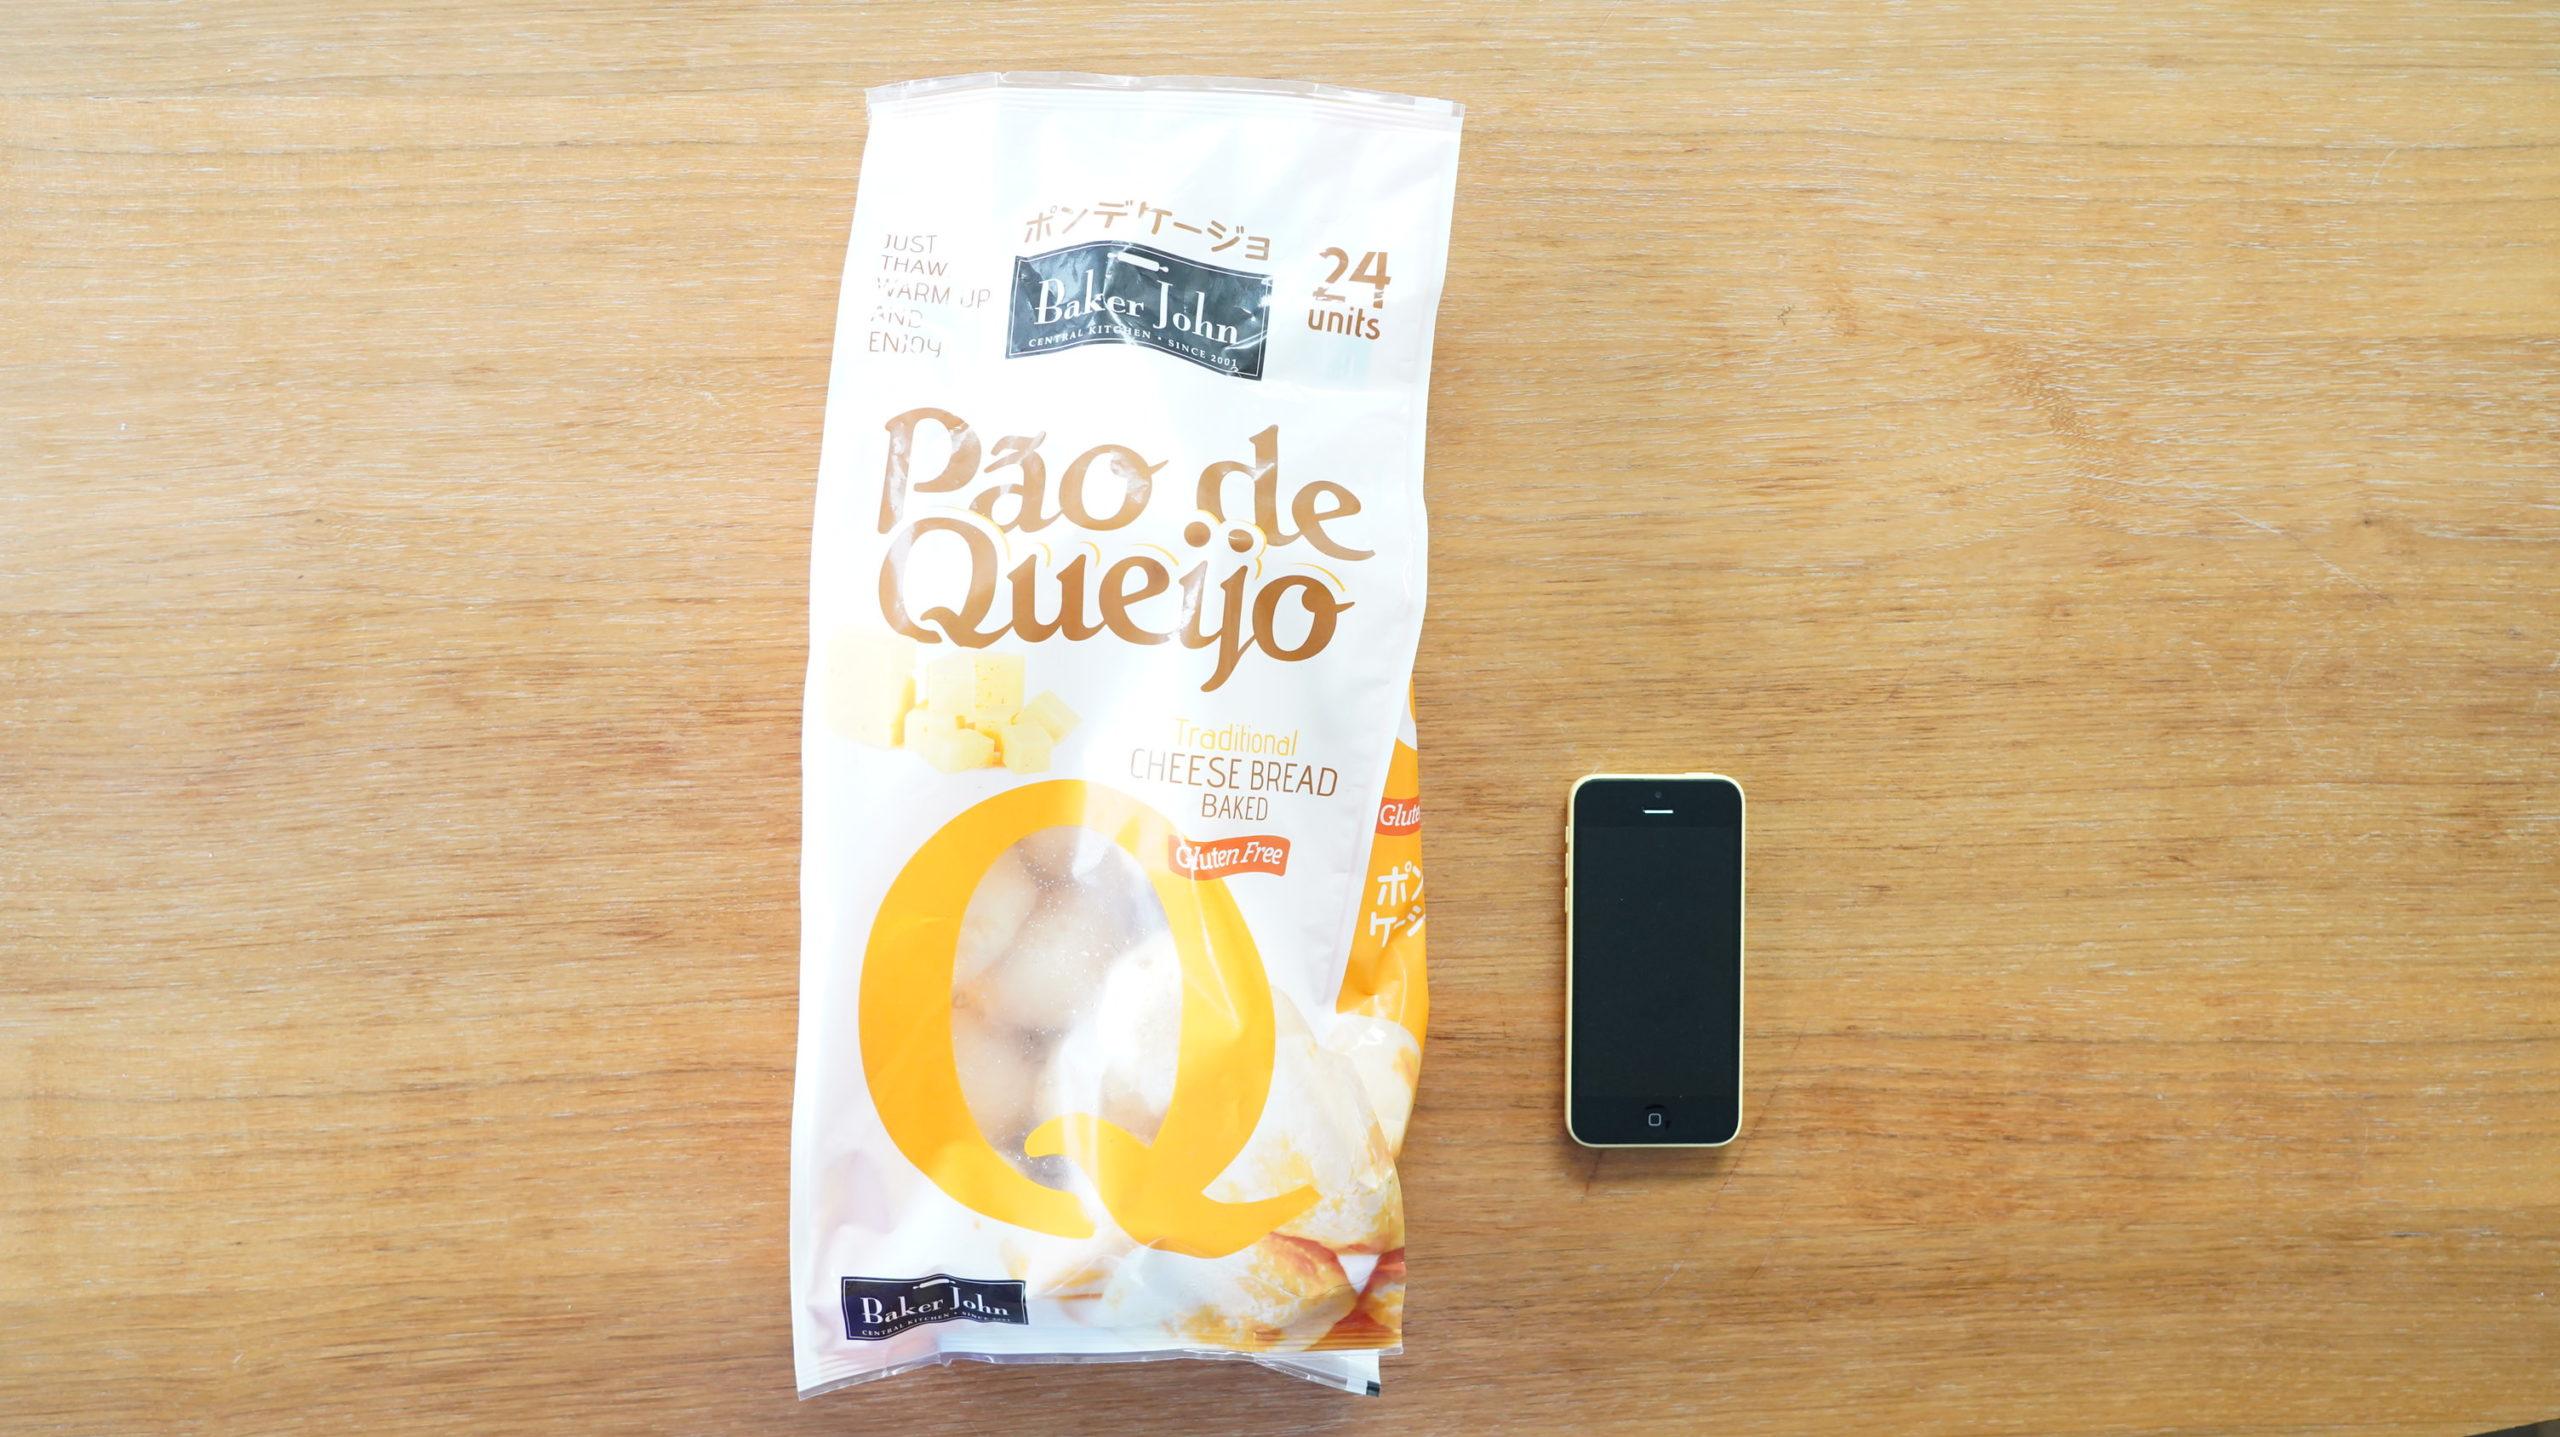 コストコの冷凍食品「ポン・デ・ケージョ」のパッケージと携帯電話の大きさを比較した写真